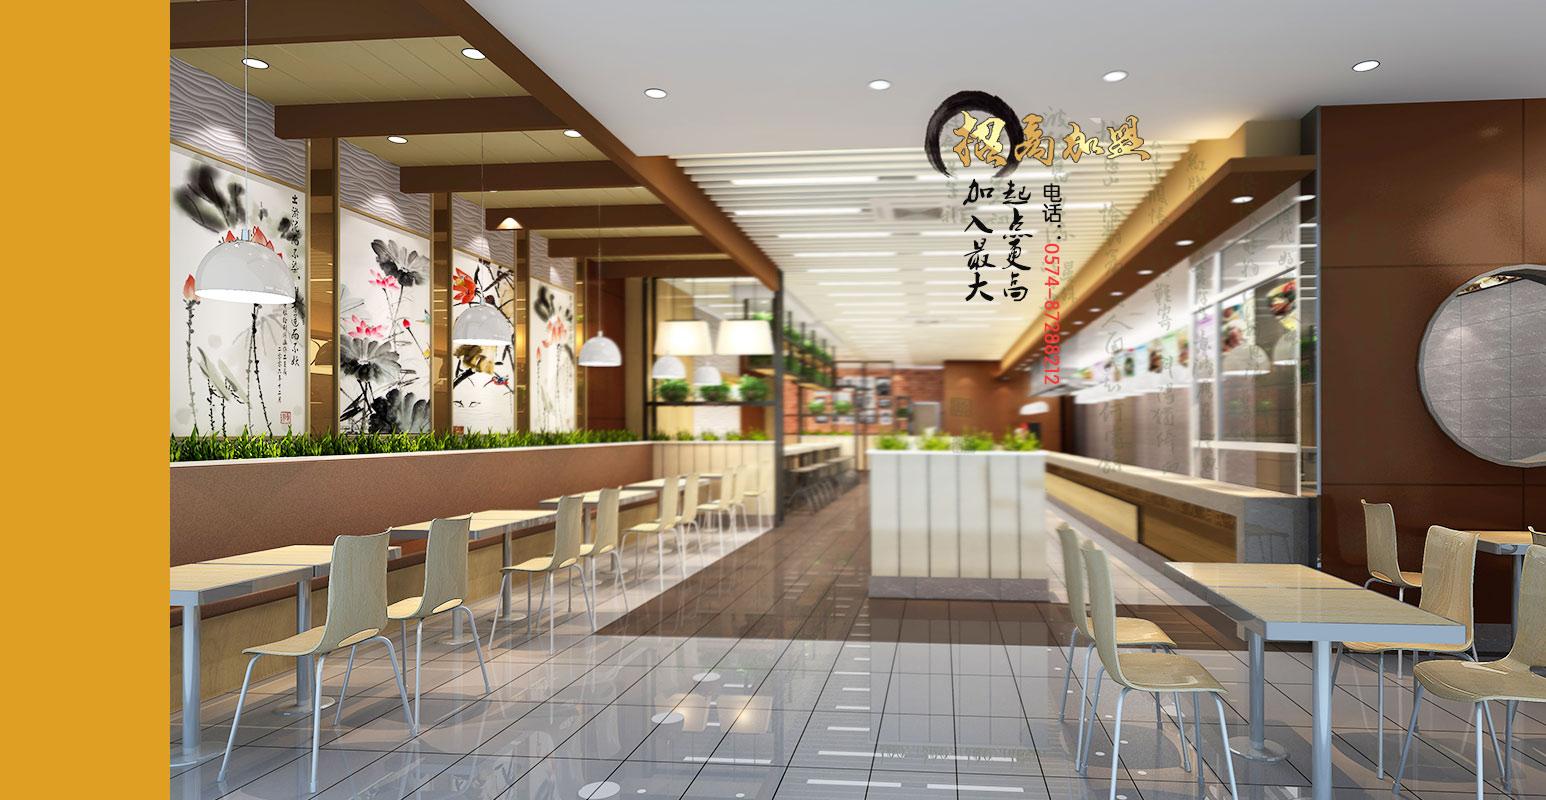 中式快餐店 顺旺基加盟官方网站 顺旺基中式快餐加盟图片